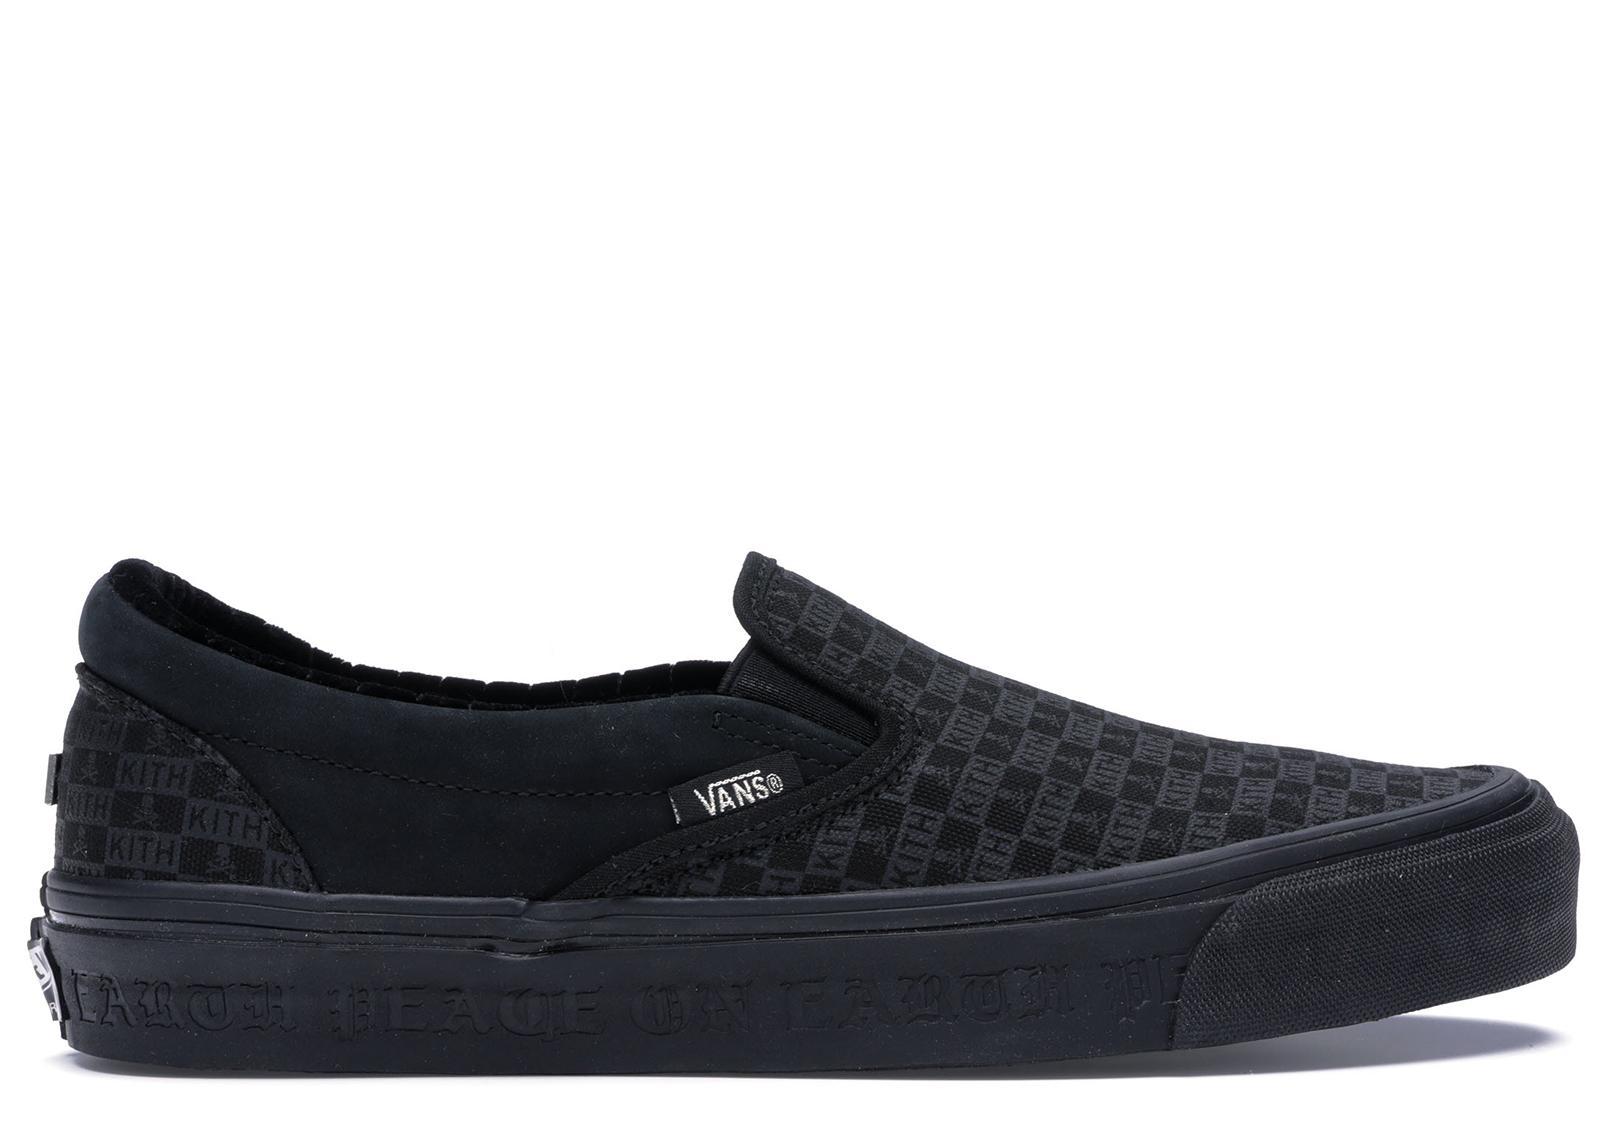 08404a9b8e9 Lyst - Vans Slip-on Kith X Mastermind Japan Black in Black for Men